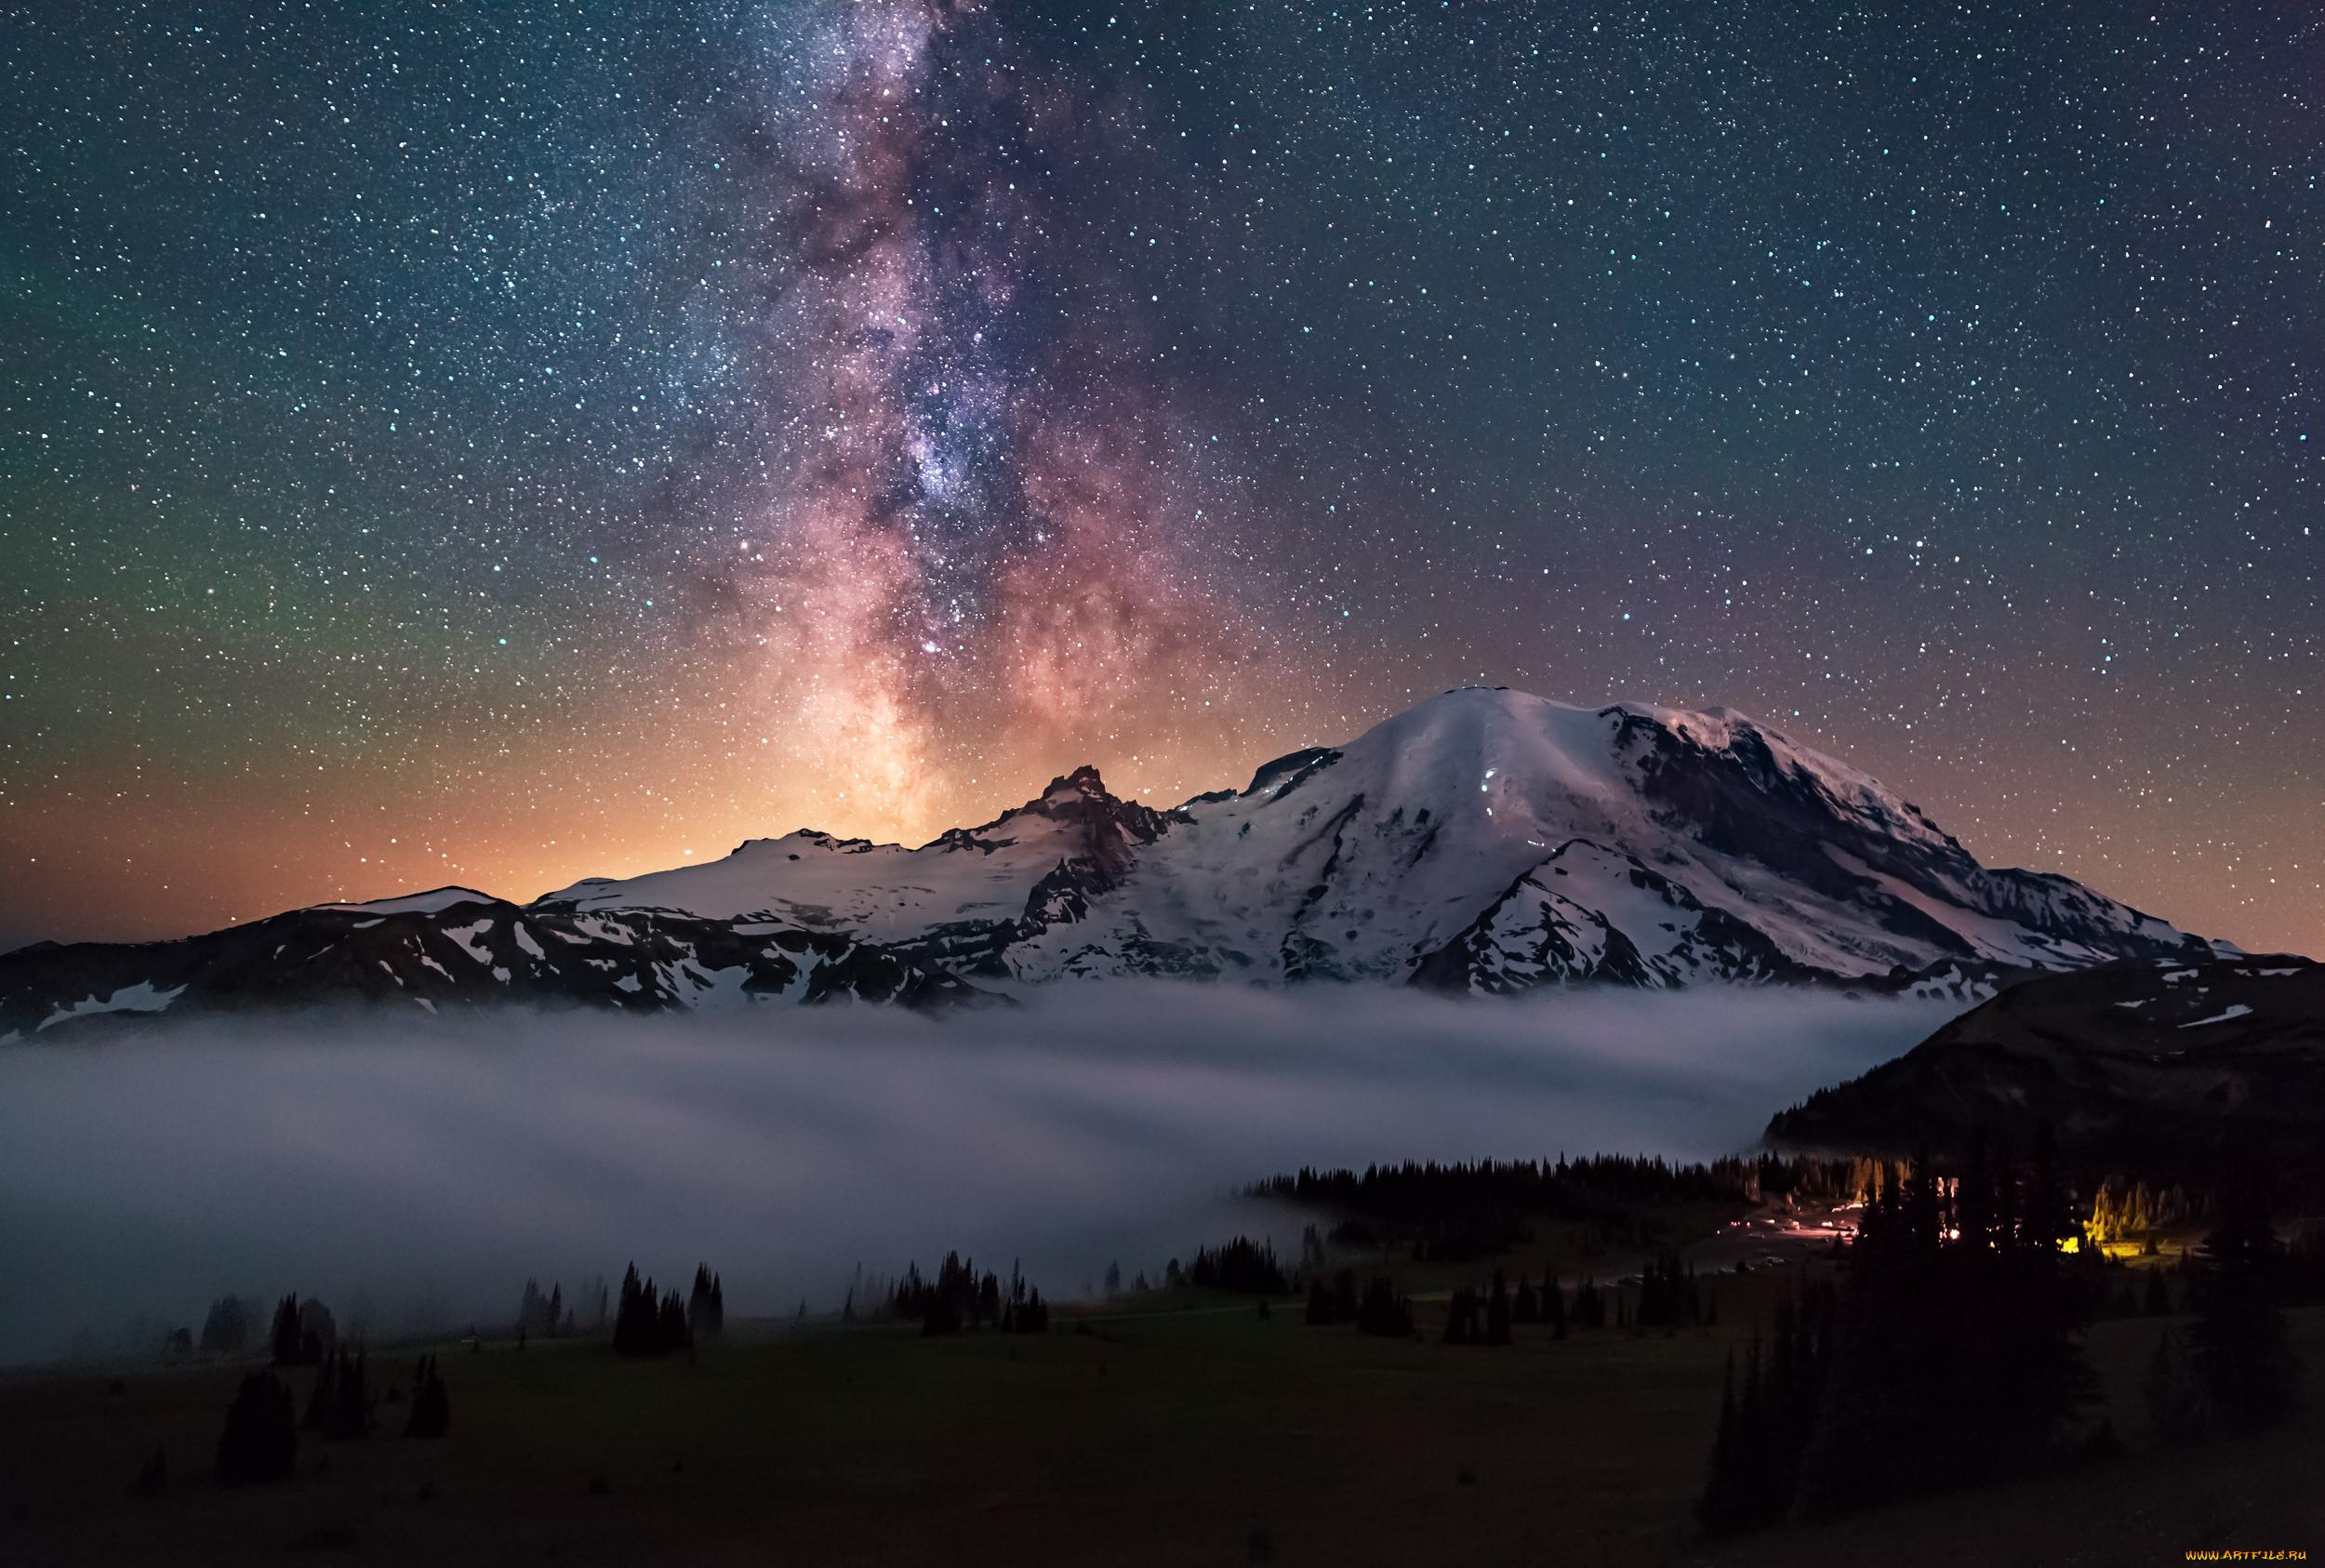 картинка с ночными горами